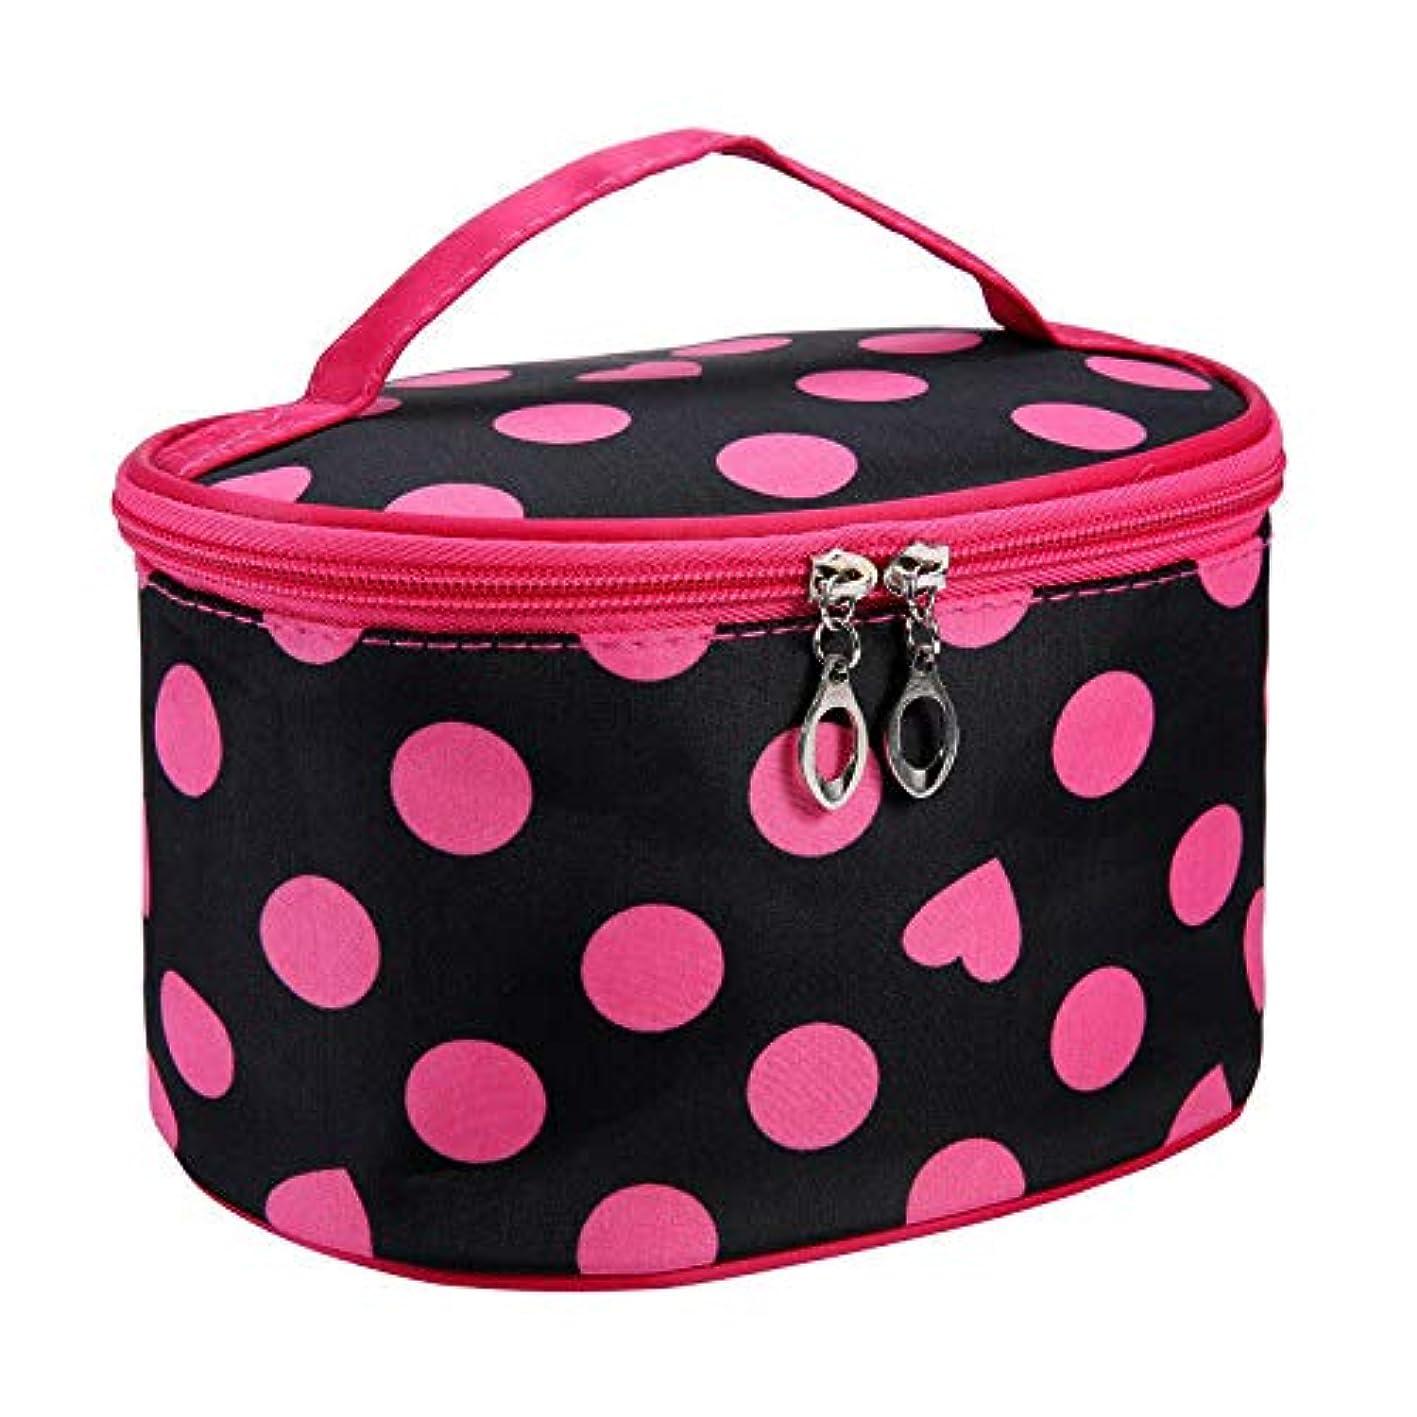 コール早く書士FidgetGear Women's Multifunction Travel Cosmetic Bag Makeup Case Pouch Toiletry Organizer Hot Pink